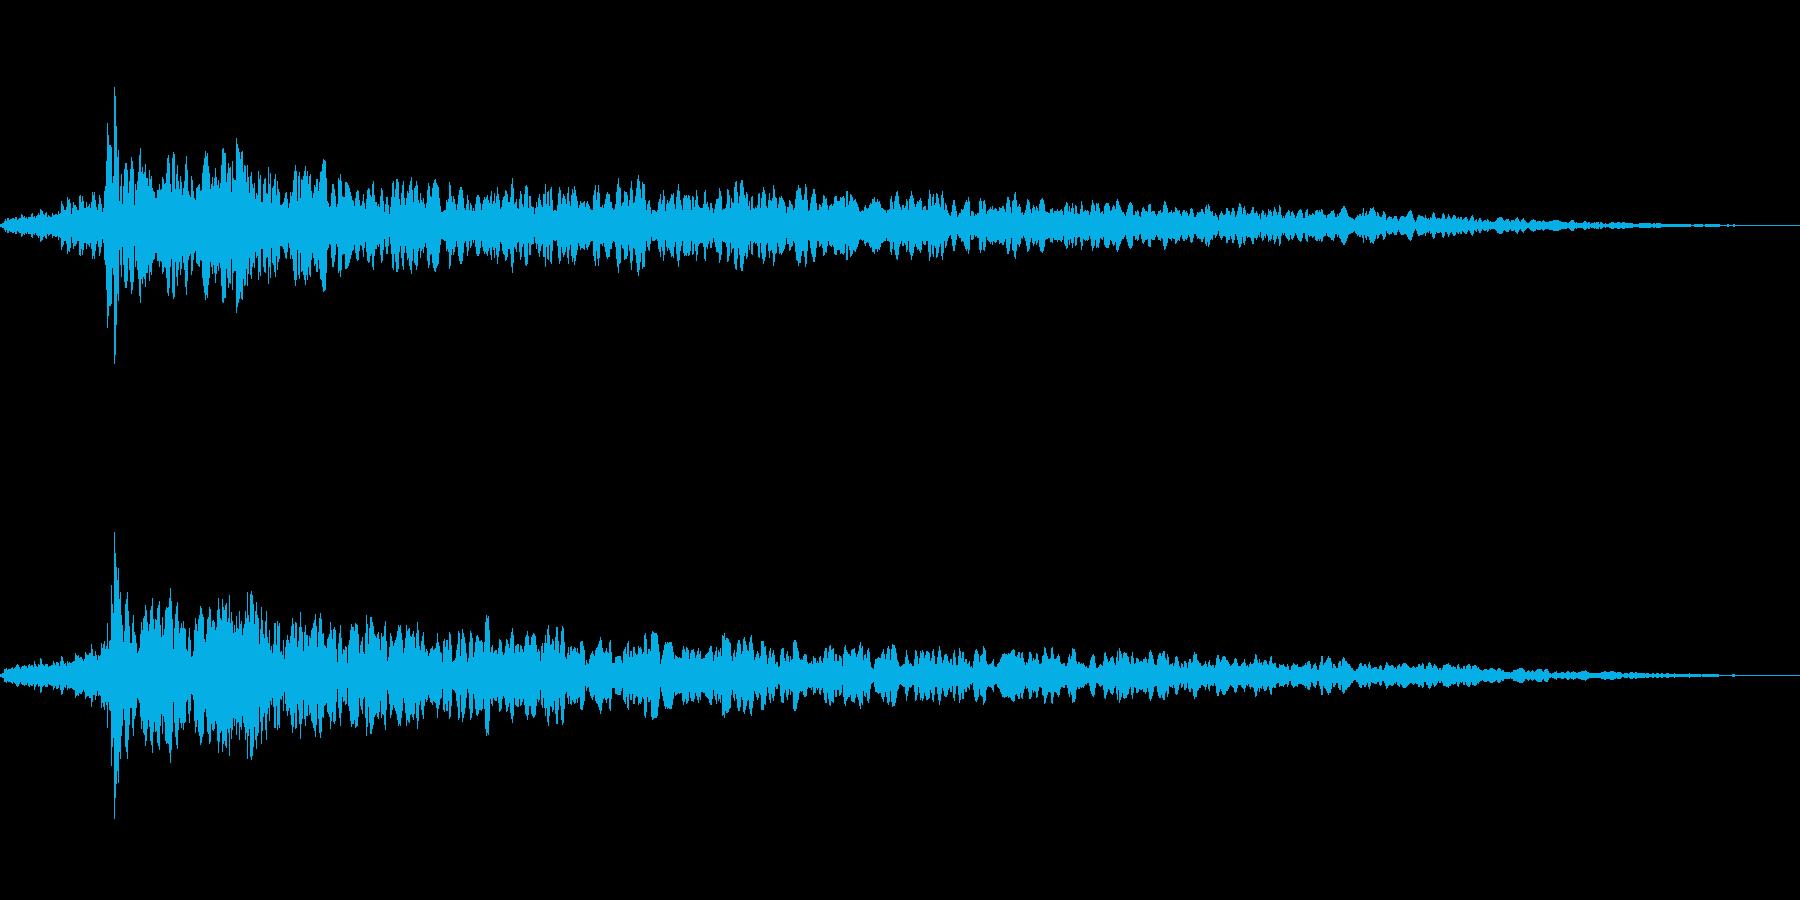 不穏な空気 不気味な環境音の再生済みの波形